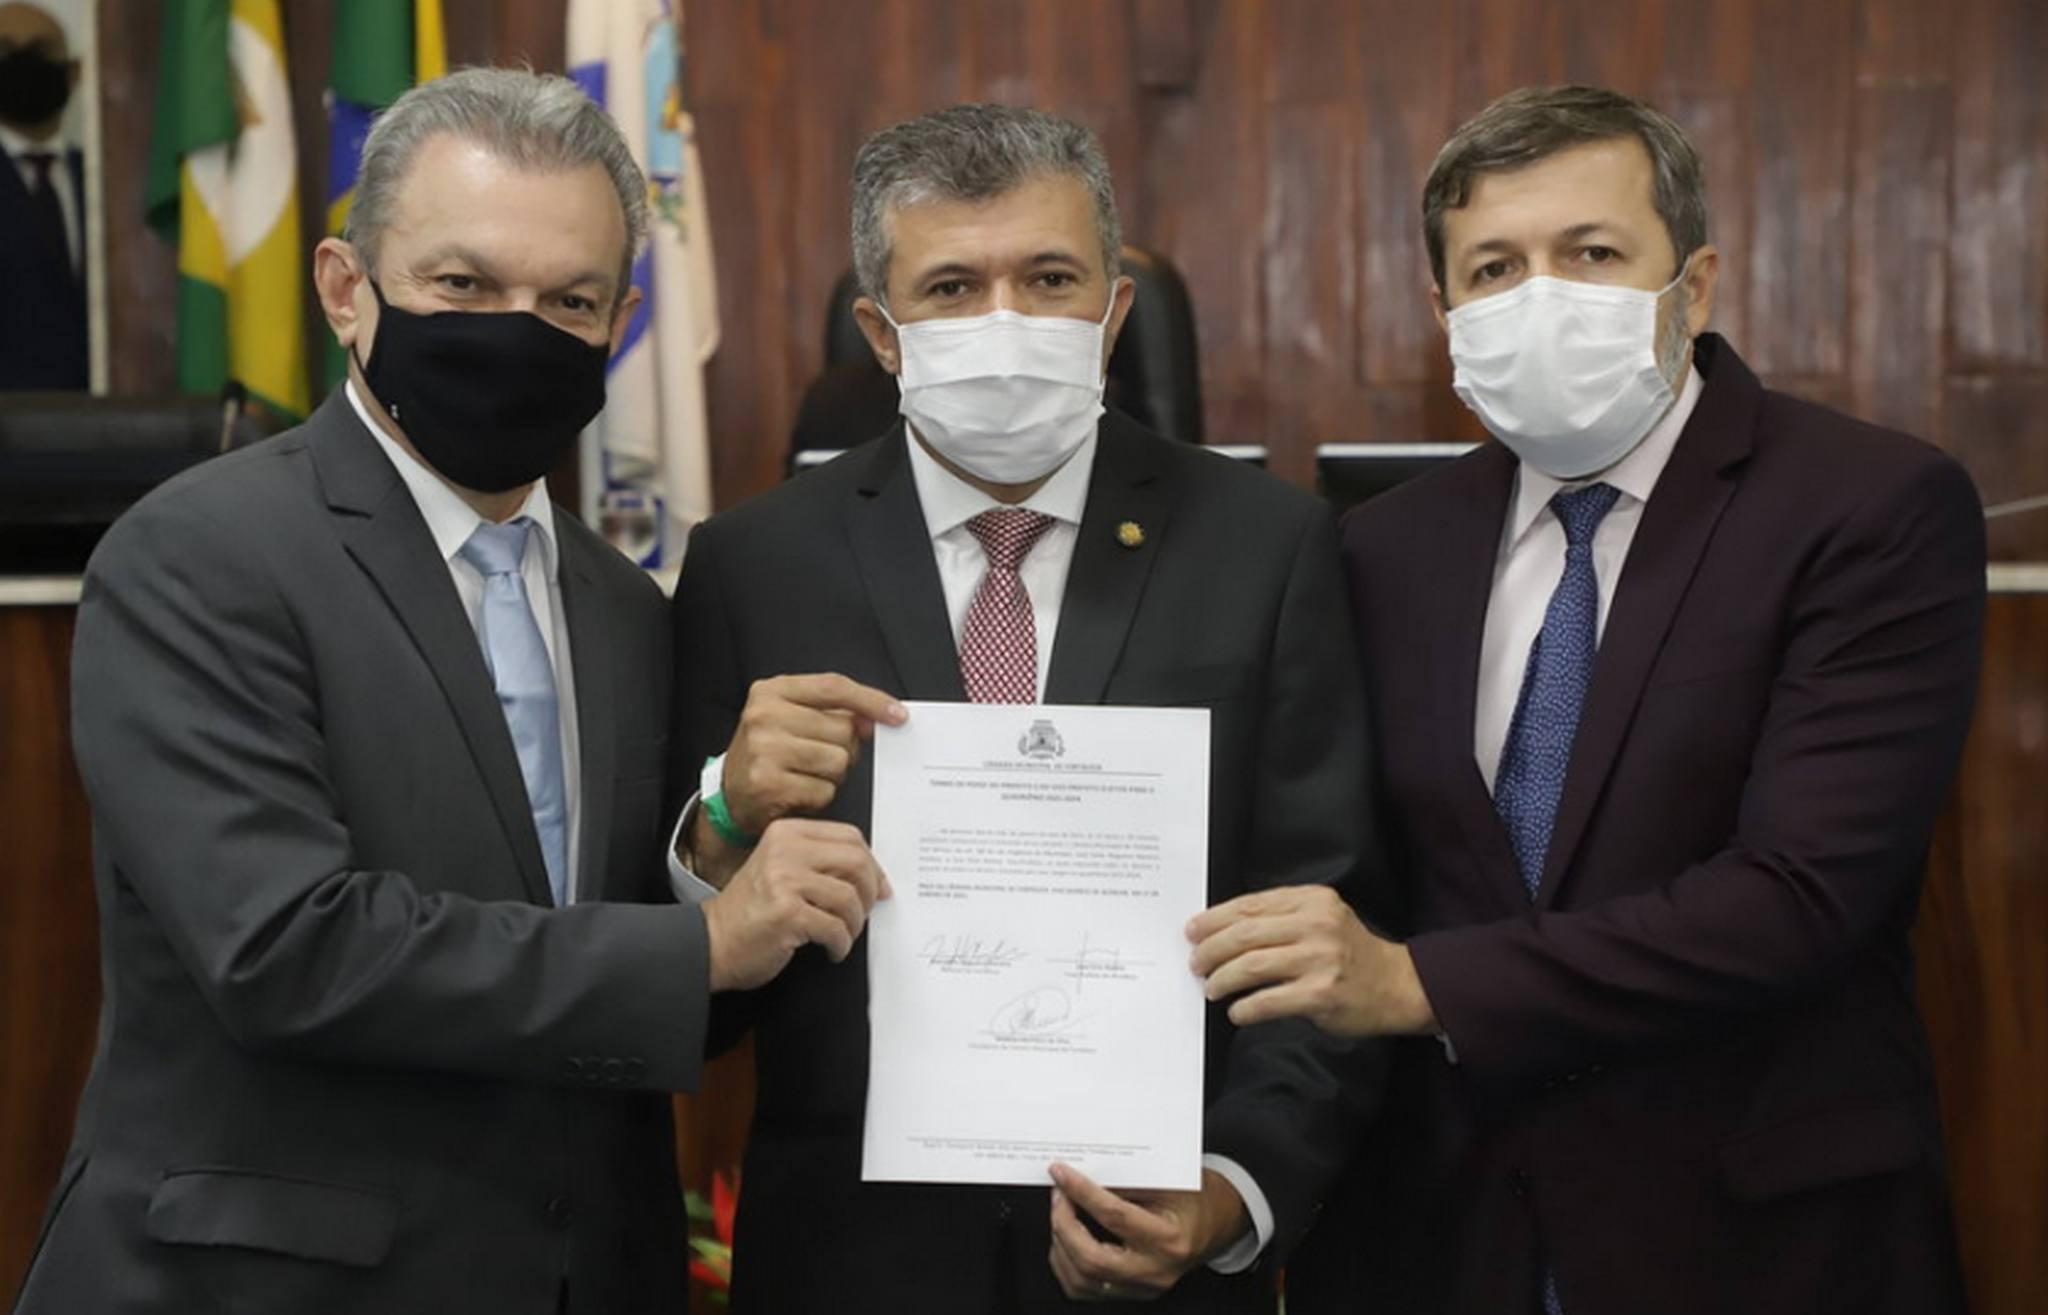 Sarto toma posse como prefeito de Fortaleza e reafirma compromisso com redução de desigualdades